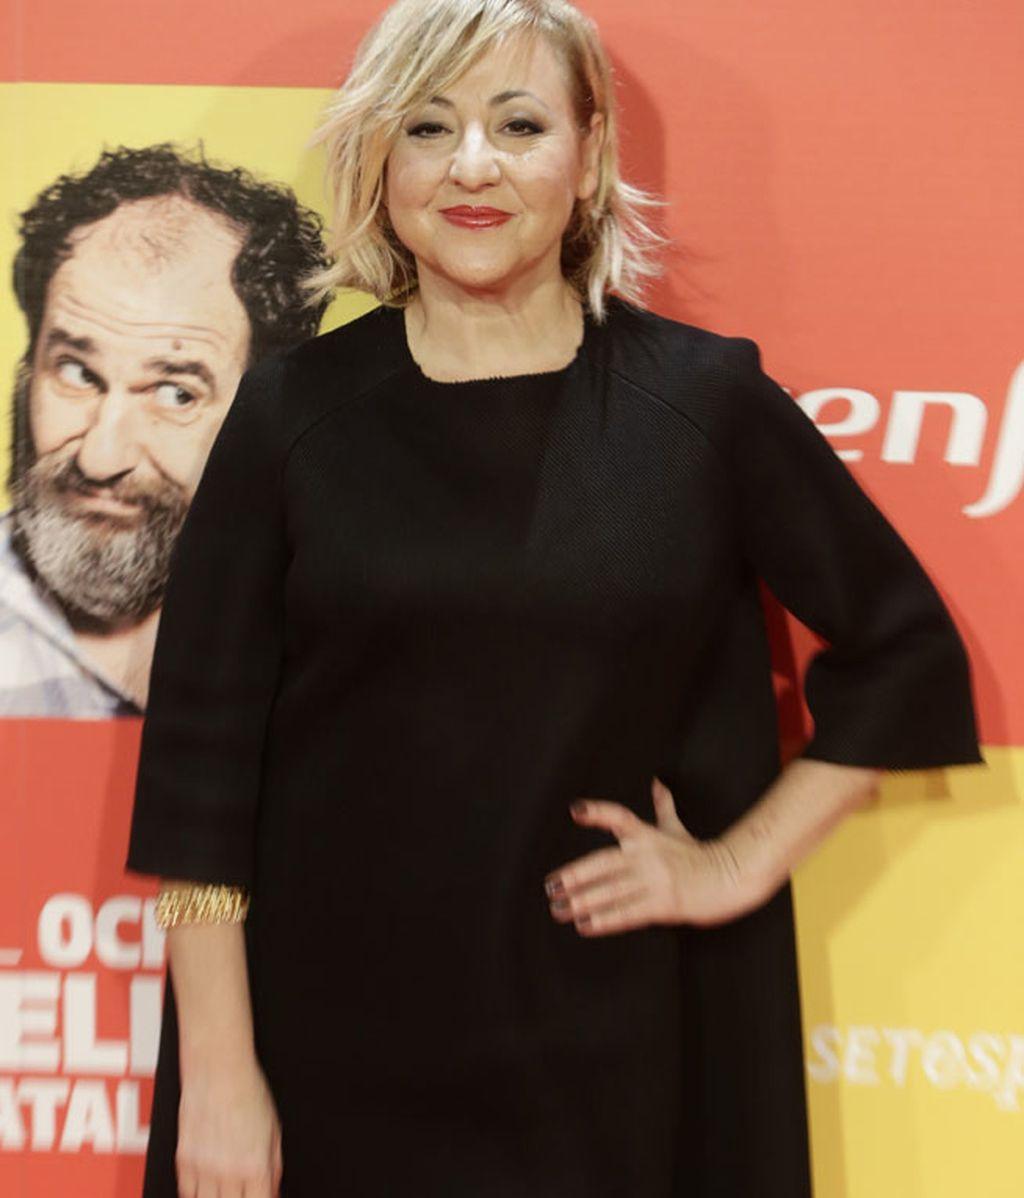 Presentación de gala de '8 apellidos catalanes' en la Gran Vía madrileña